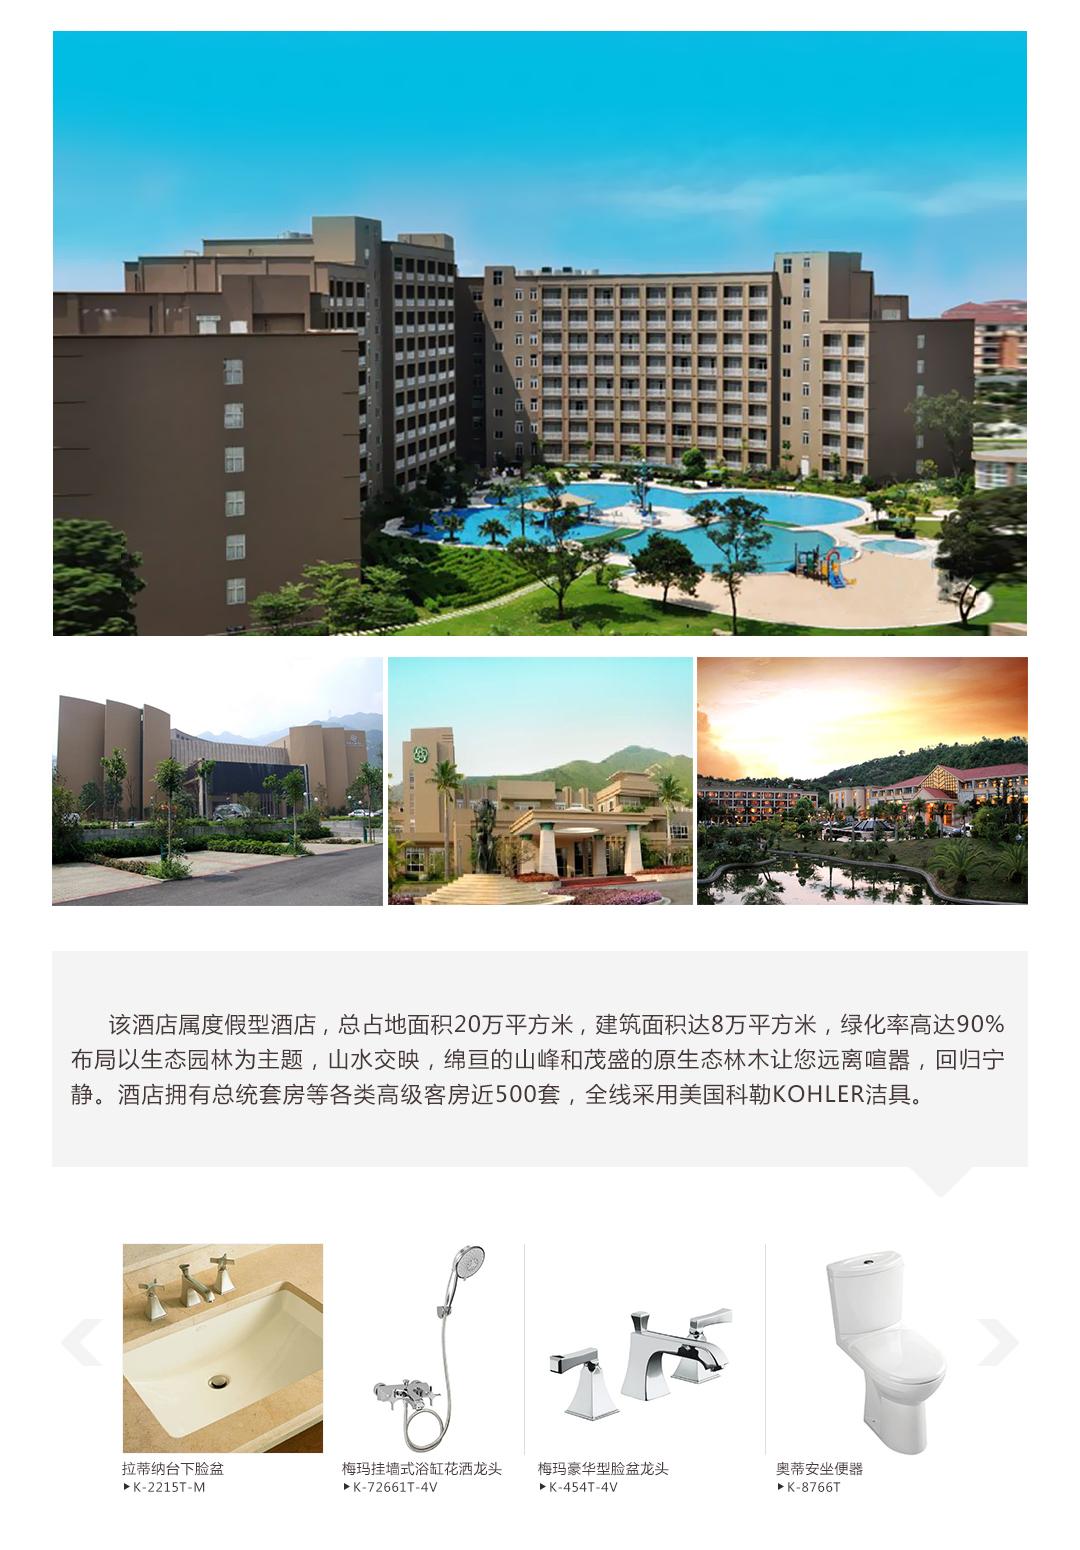 清远清新花园酒店